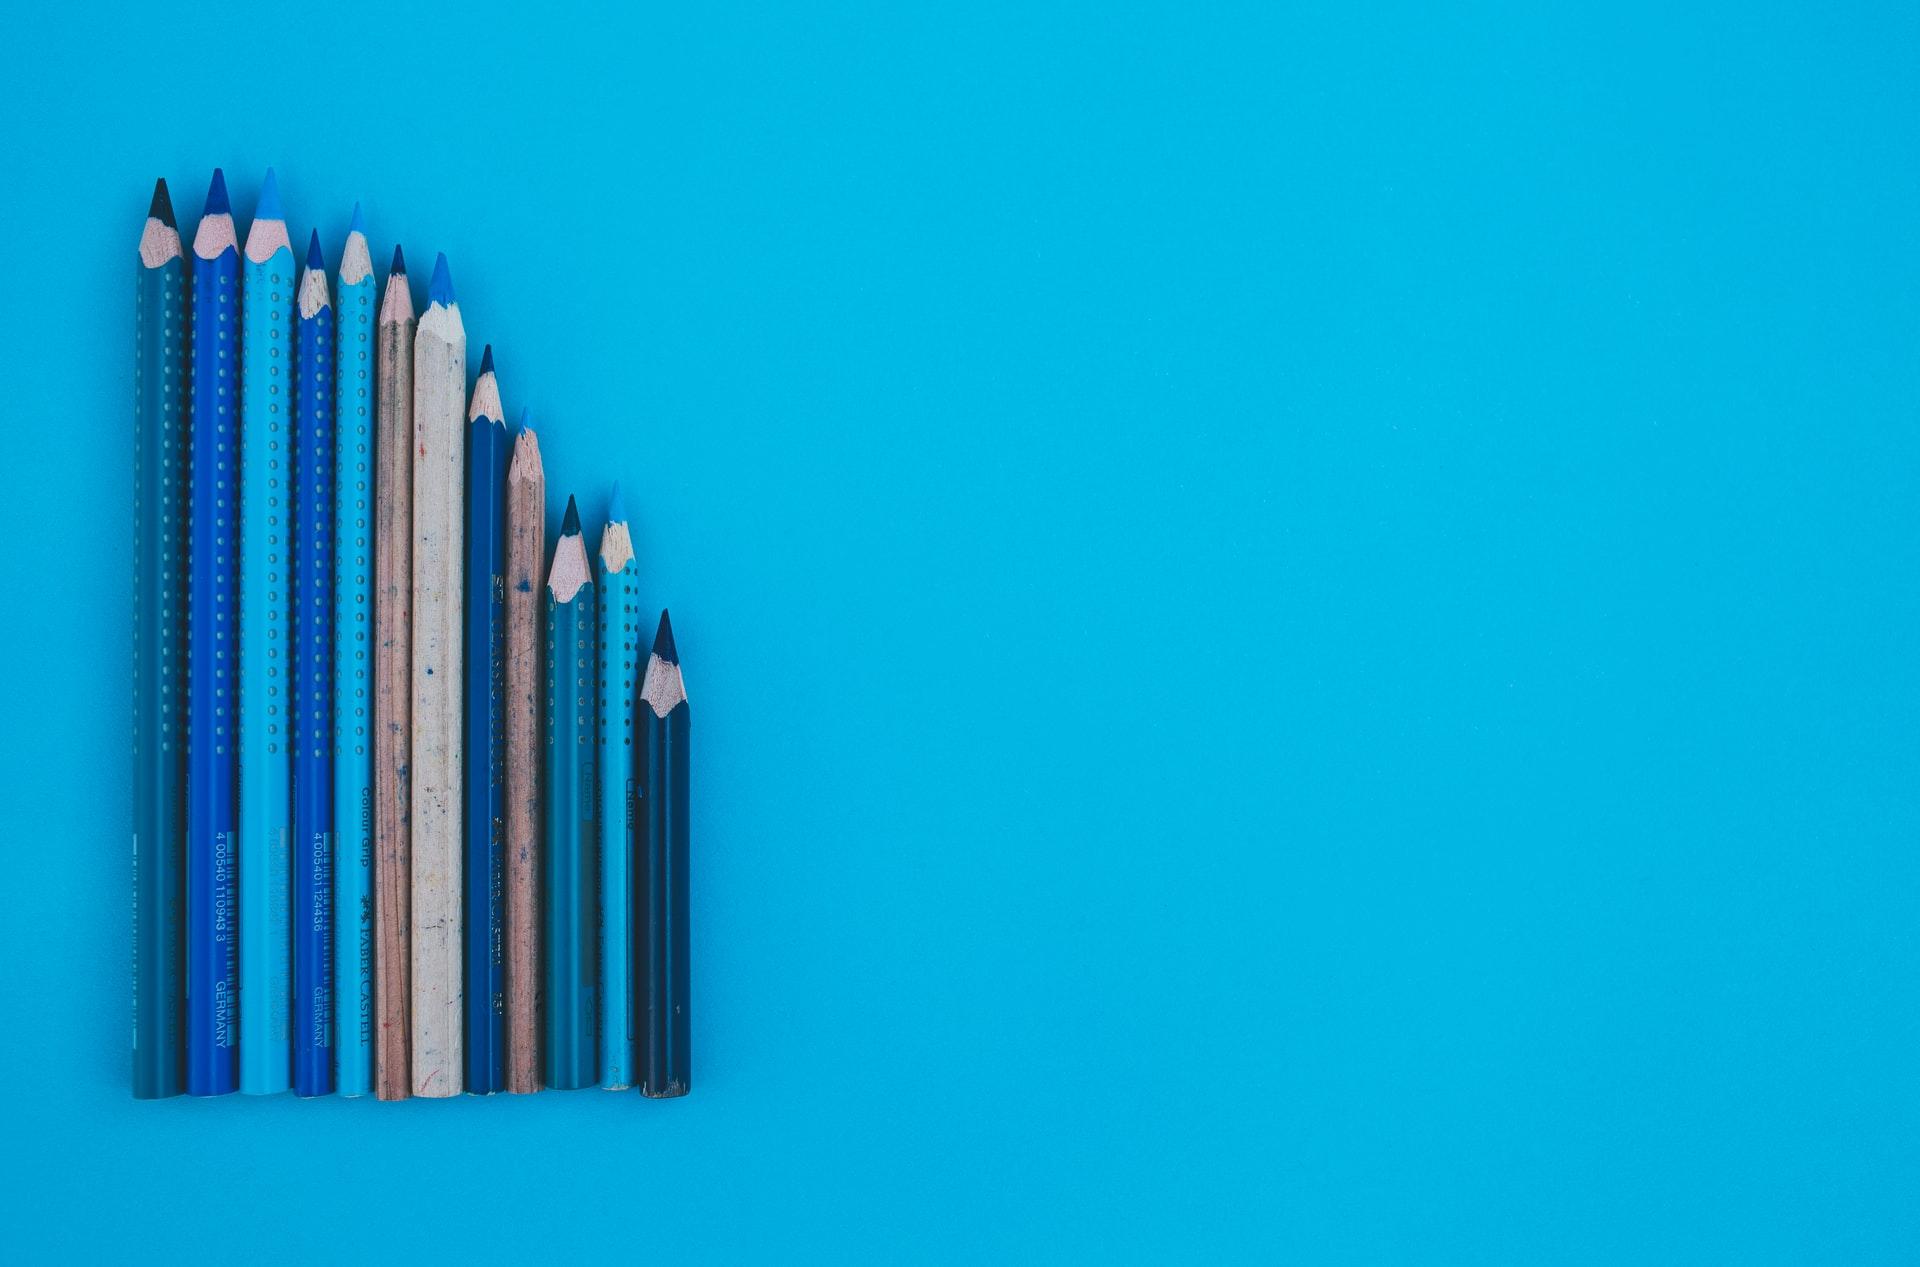 並んでいる鉛筆